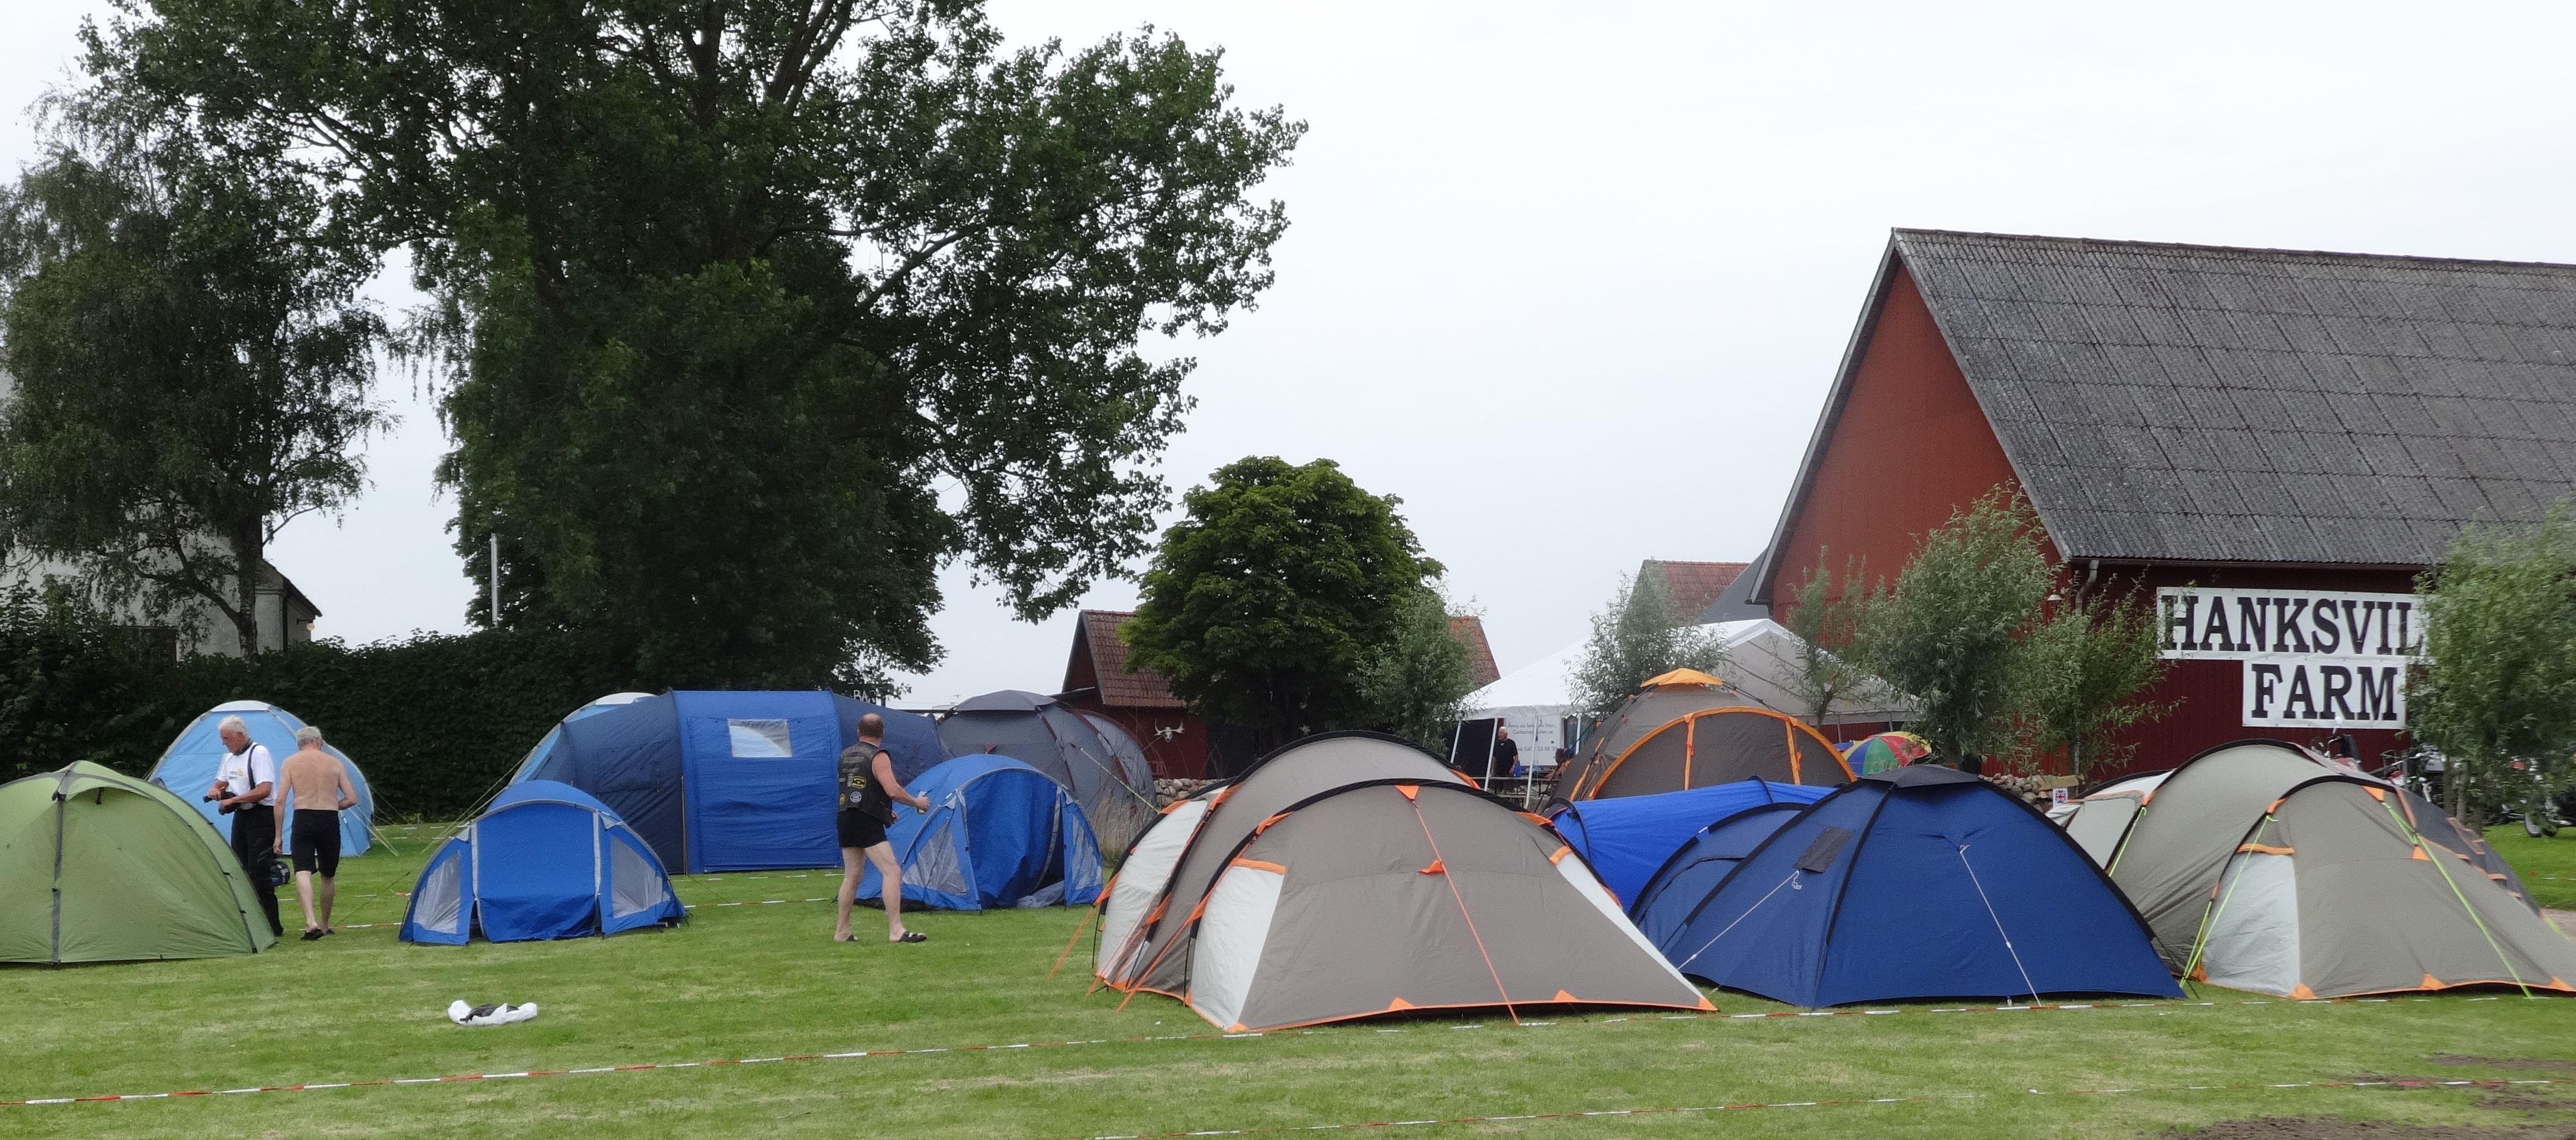 Hanksville Farm Camping